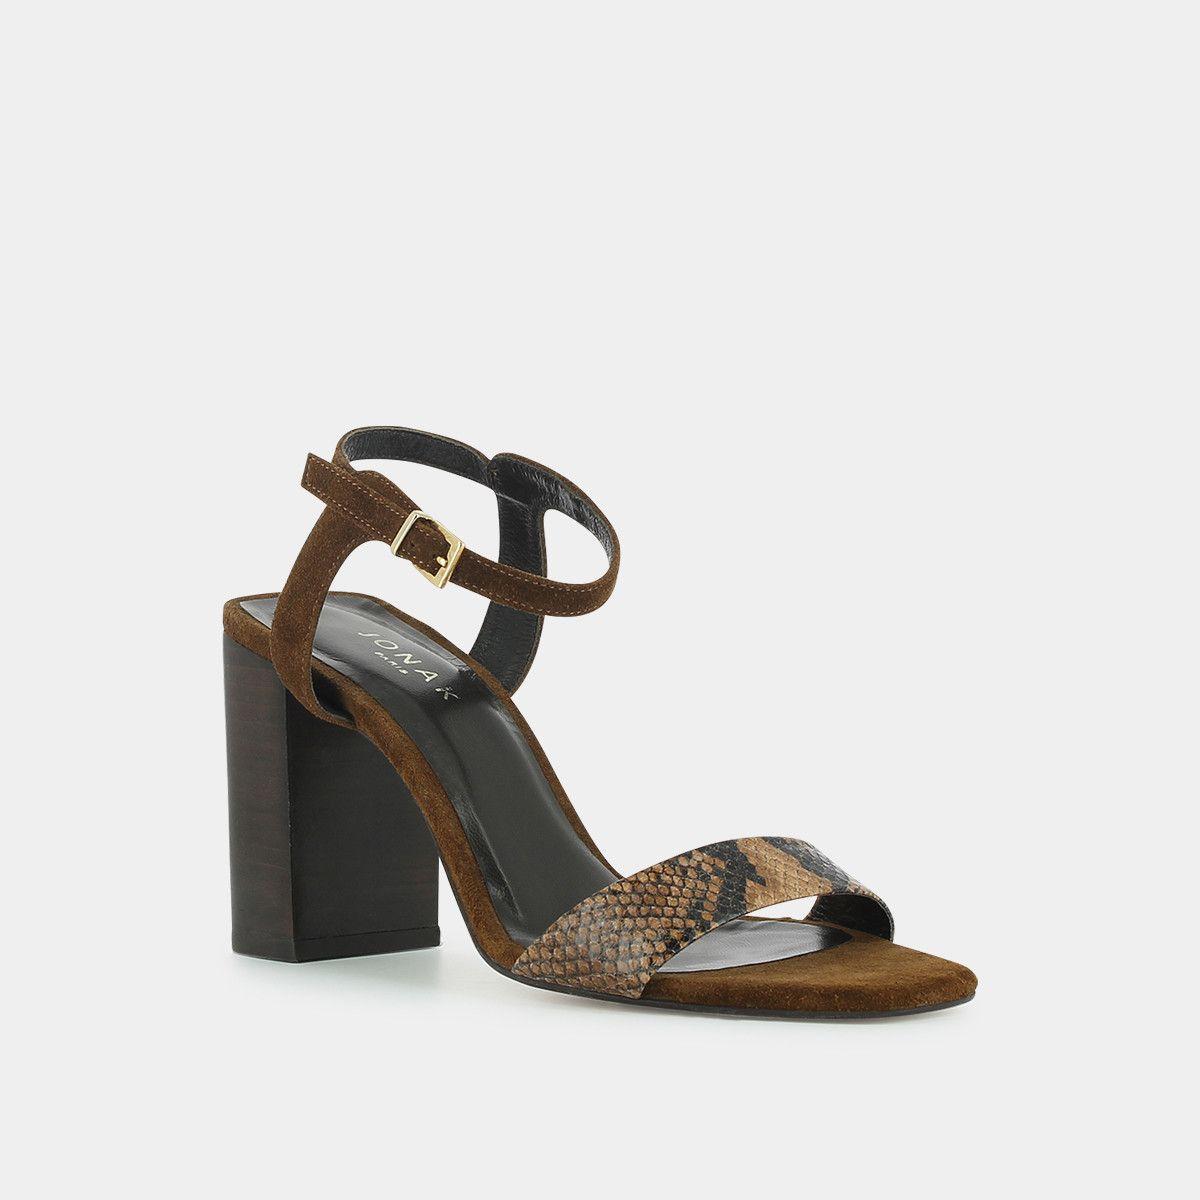 Sandales à talon haut Jonak en velours et reptile cognac